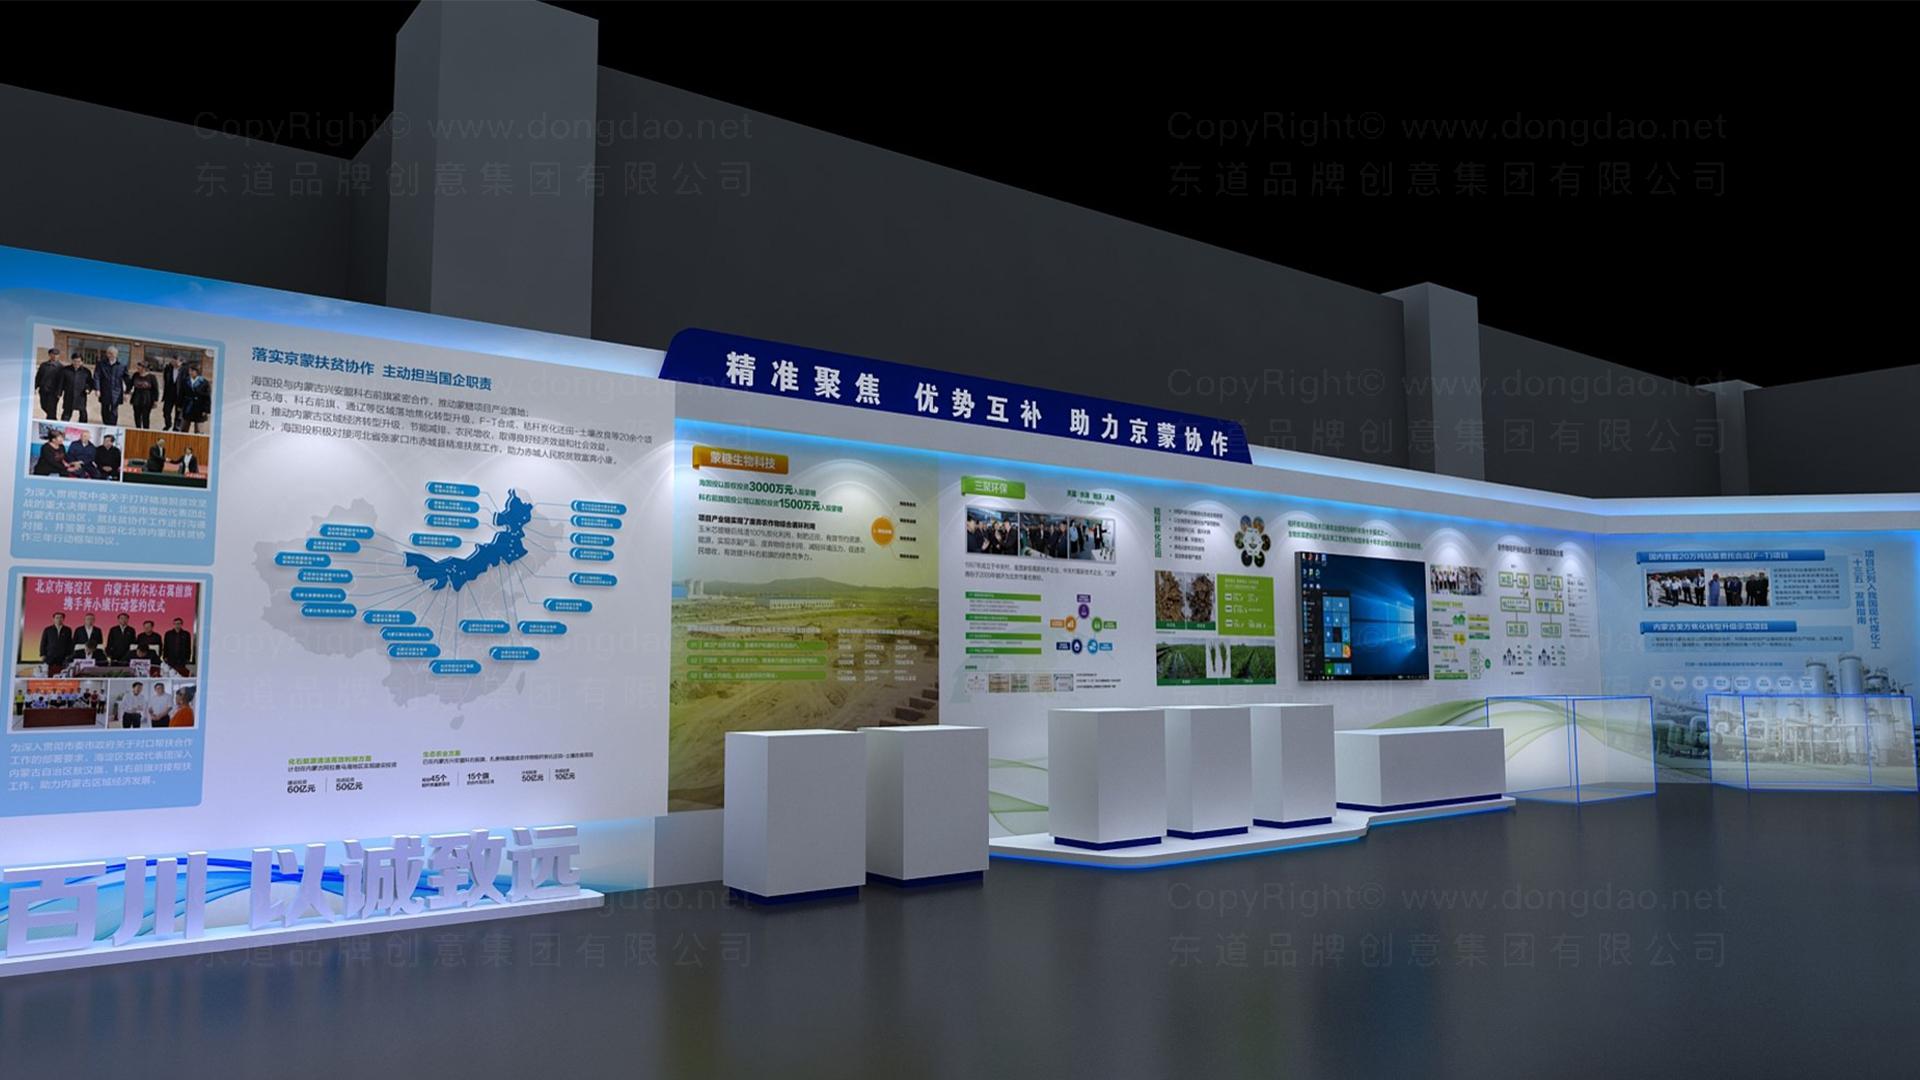 商业空间&导示海国投展厅设计应用